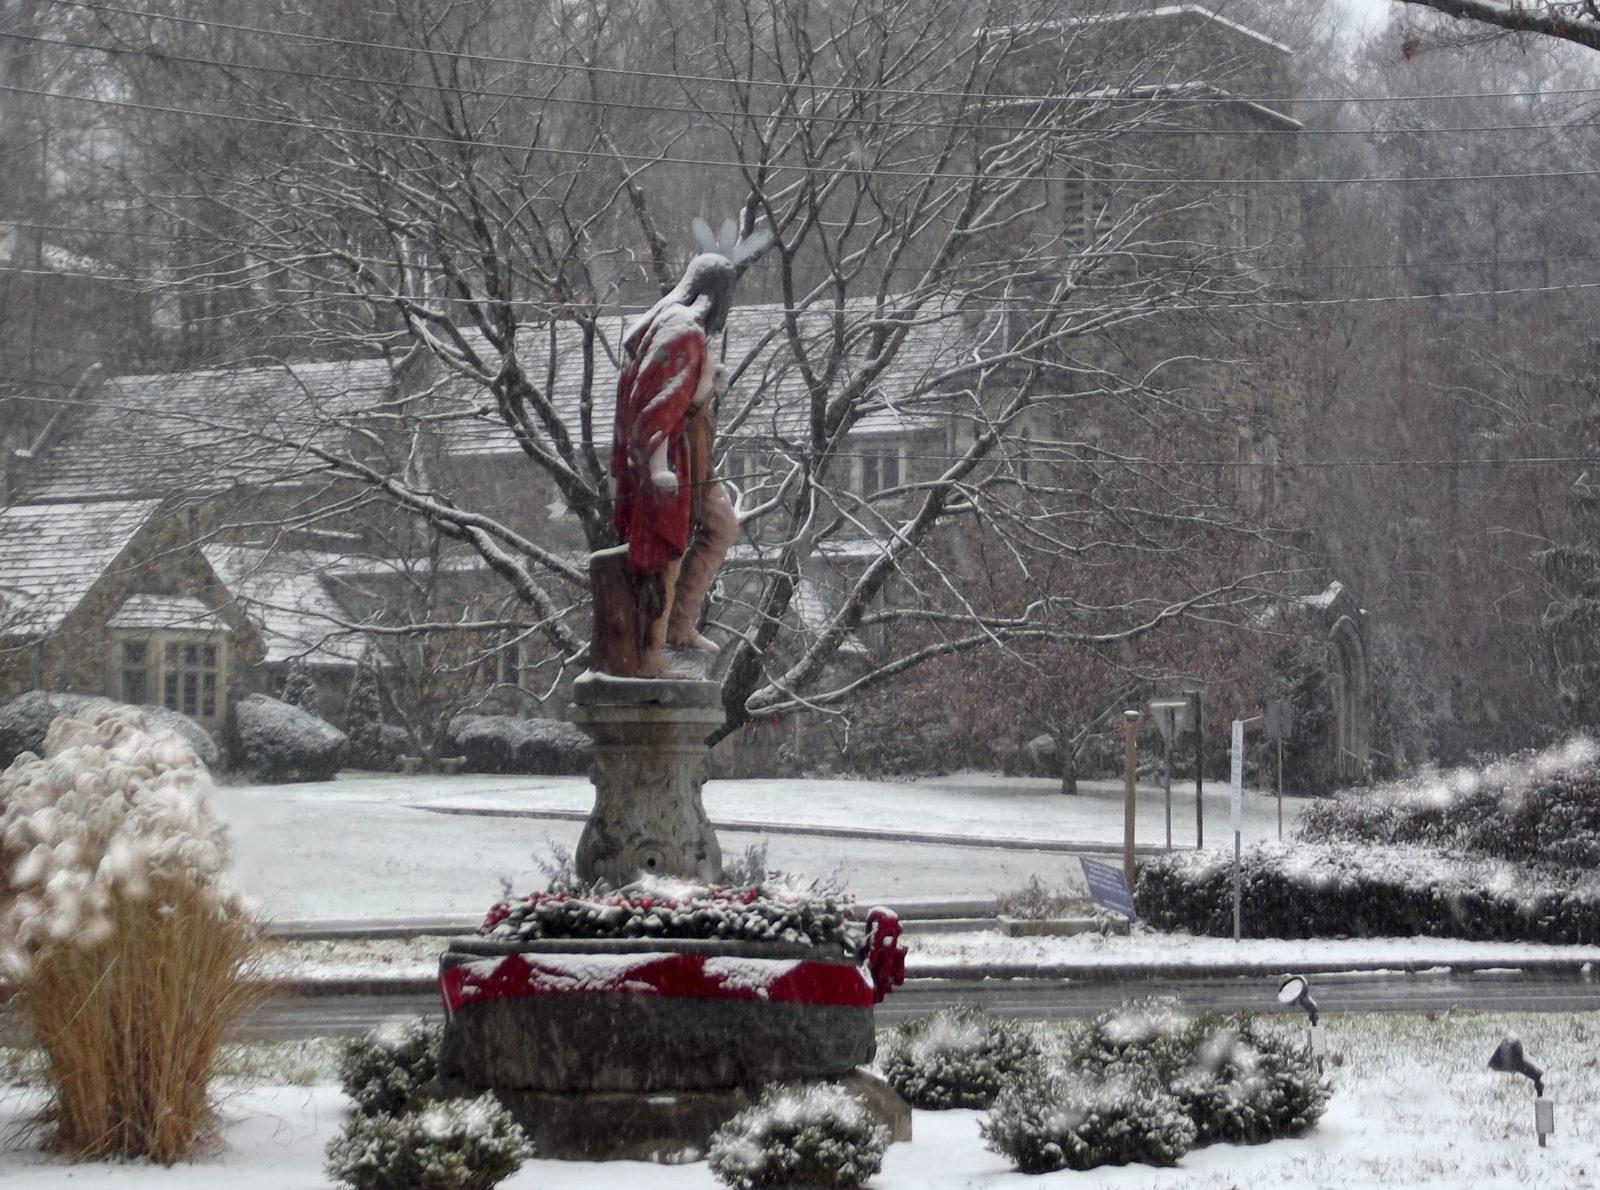 Winter - Chief Kisco statue in Mt. Kisco, New York